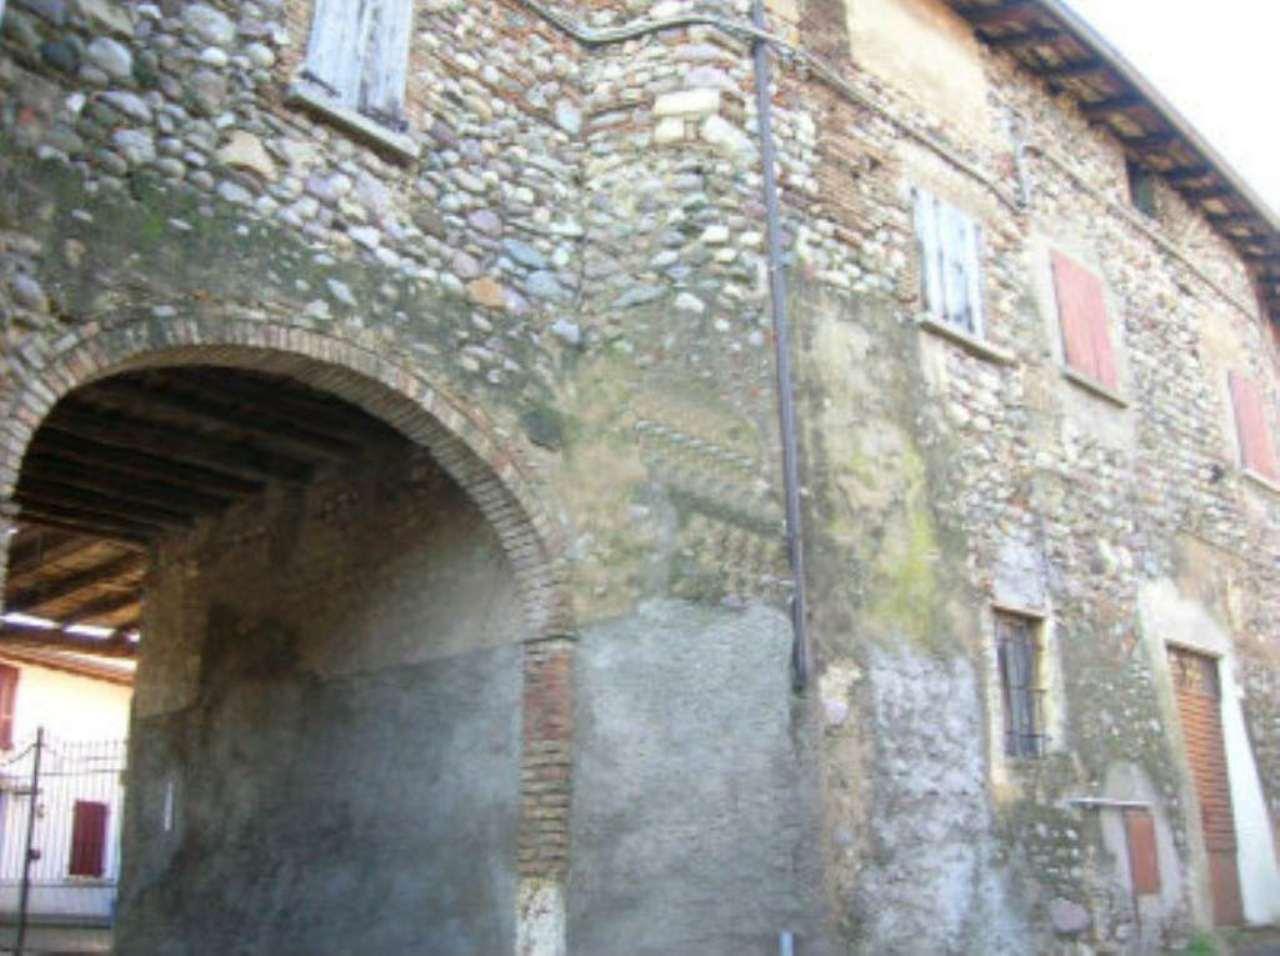 Rustico / Casale in vendita a Cazzago San Martino, 8 locali, prezzo € 130.000 | Cambio Casa.it